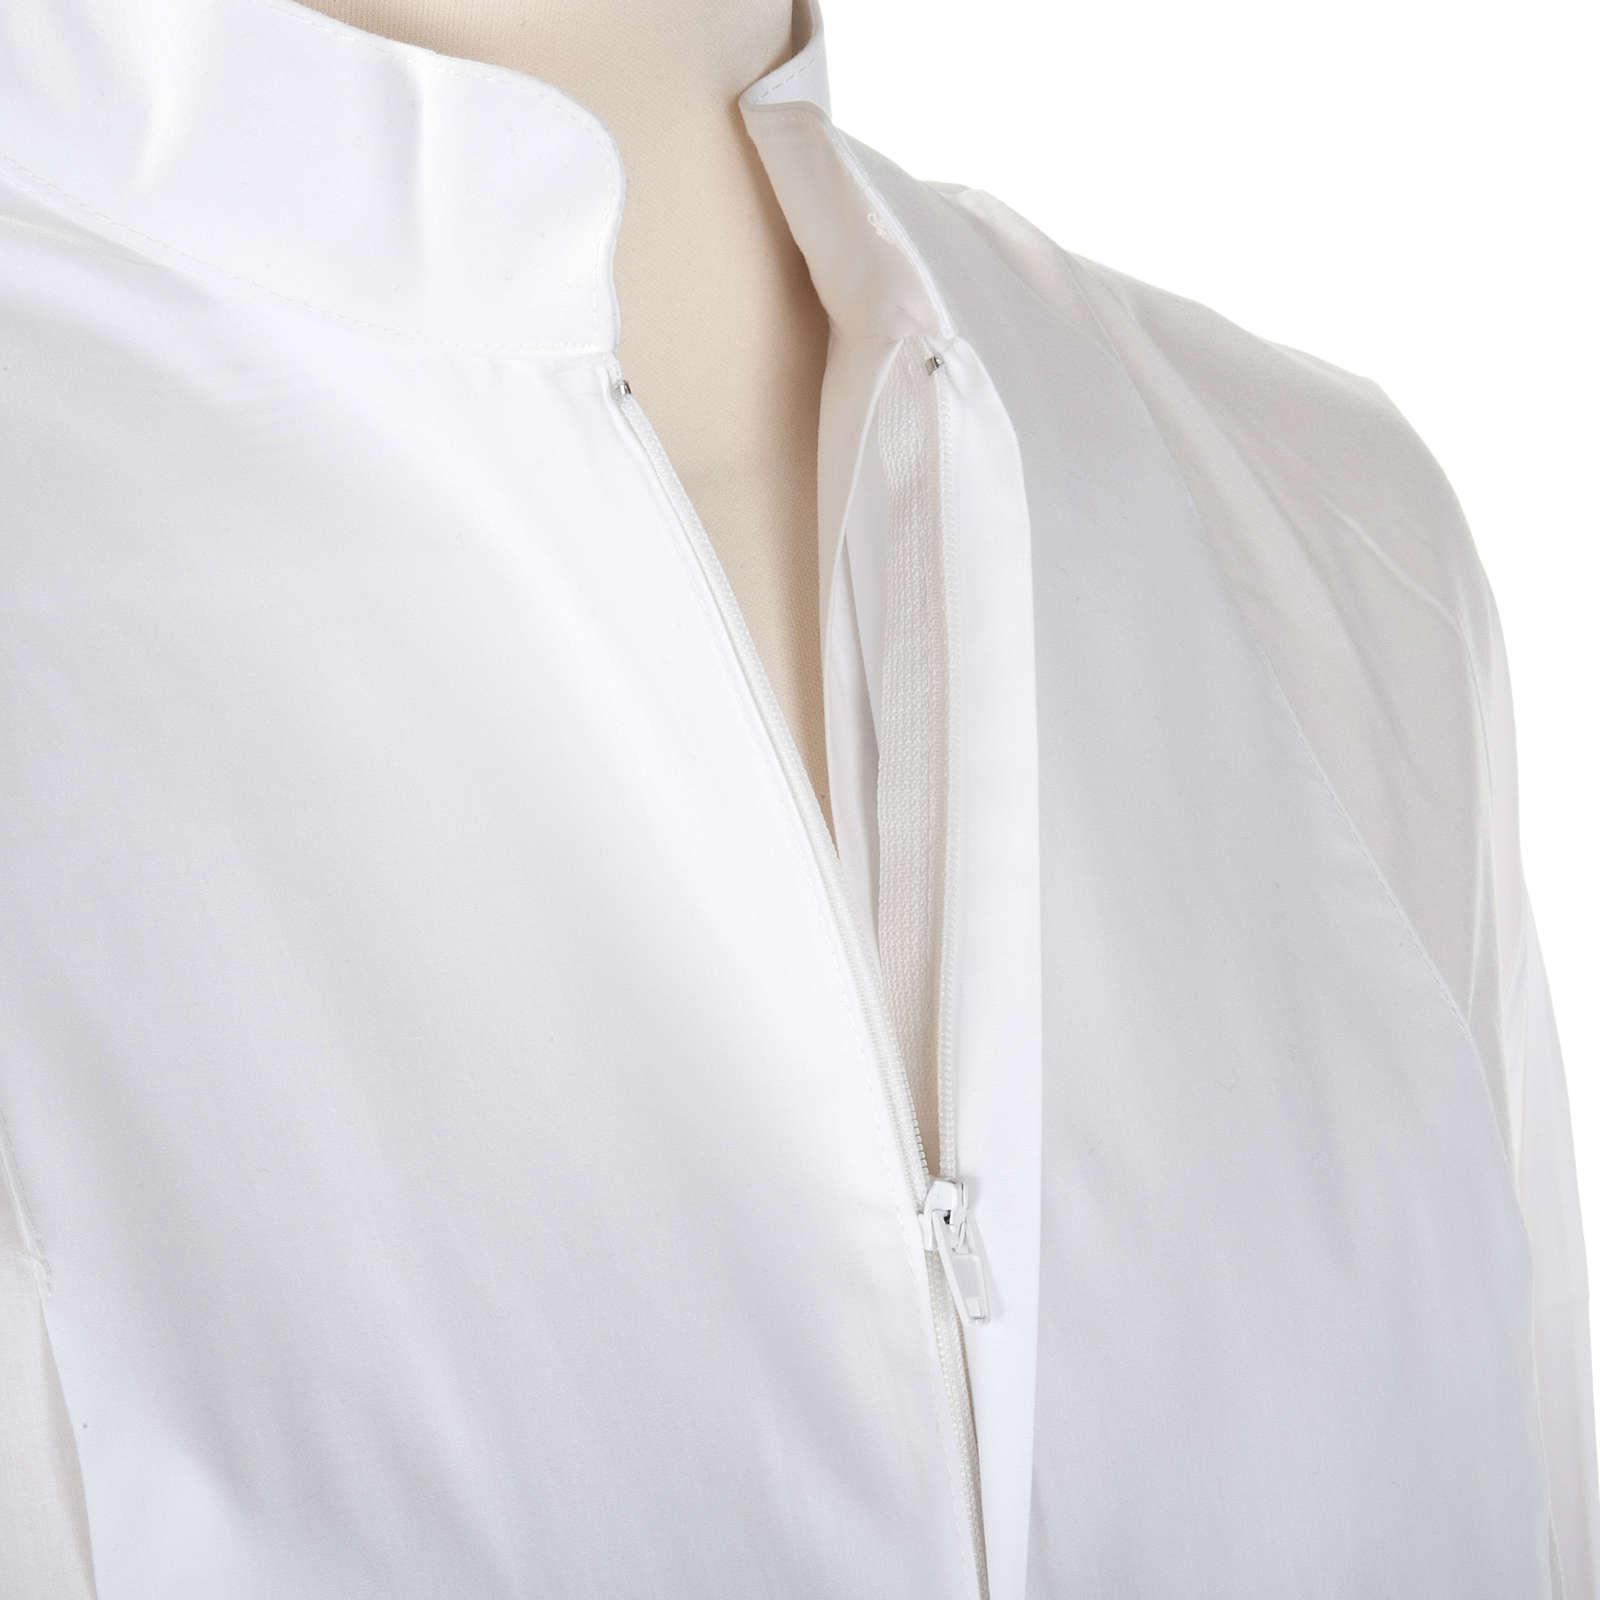 Camice bianco lana croce dorata 4